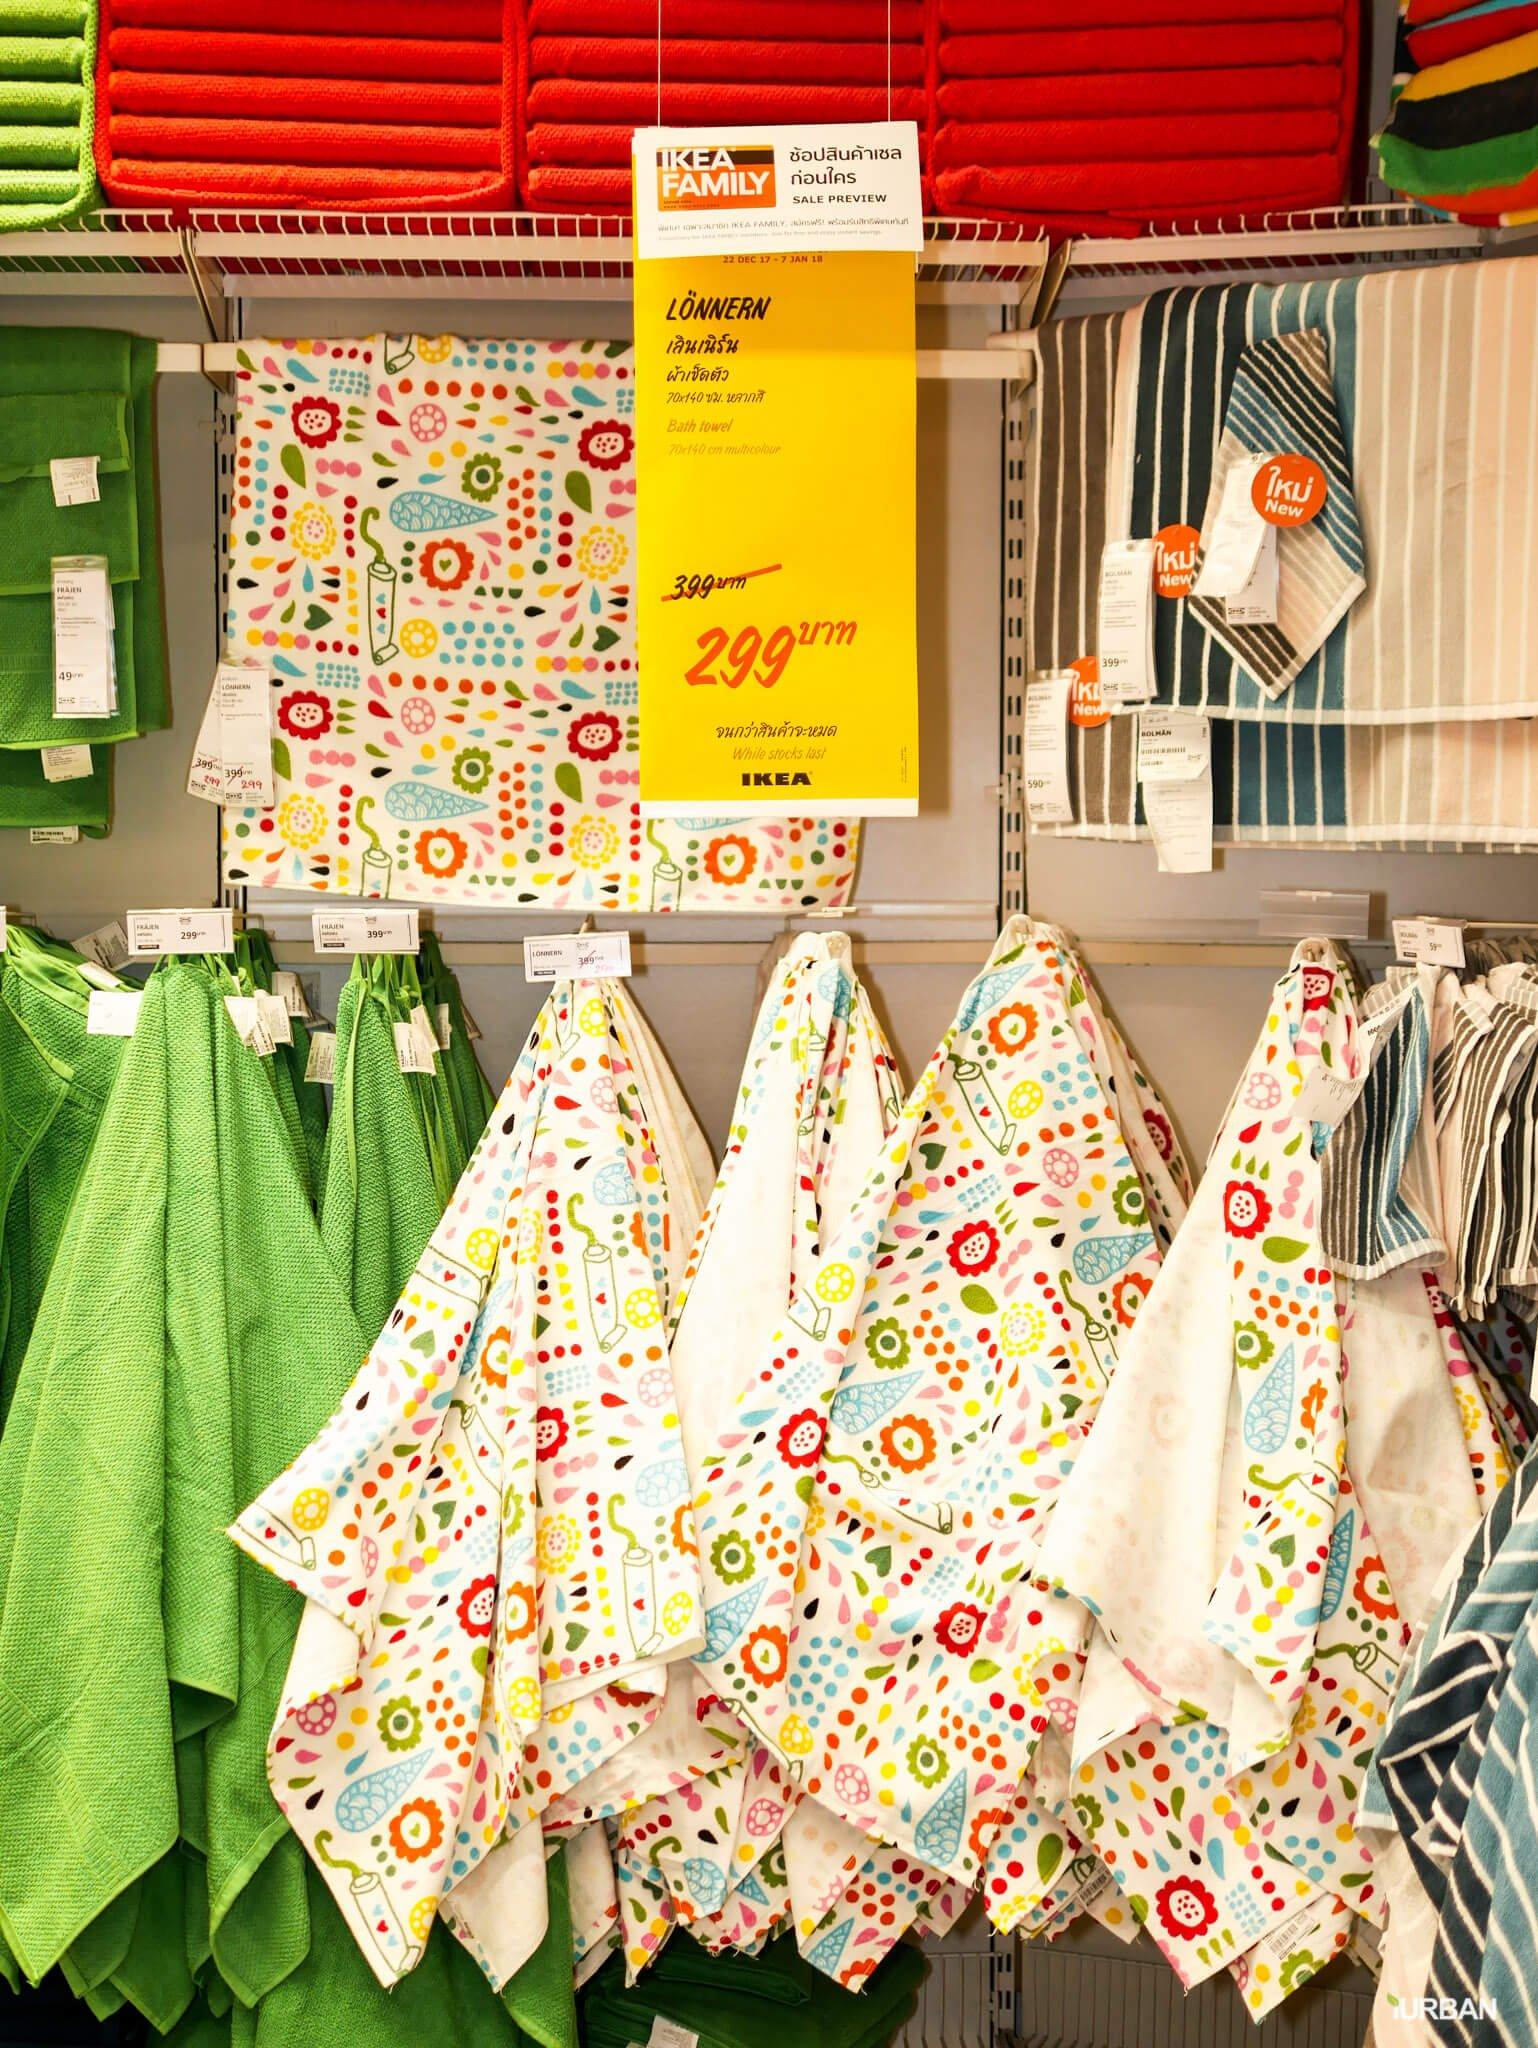 มันเยอะมากกกก!! IKEA Year End SALE 2017 รวมของเซลในอิเกีย ลดเยอะ ลดแหลก รีบพุ่งตัวไป วันนี้ - 7 มกราคม 61 165 - IKEA (อิเกีย)